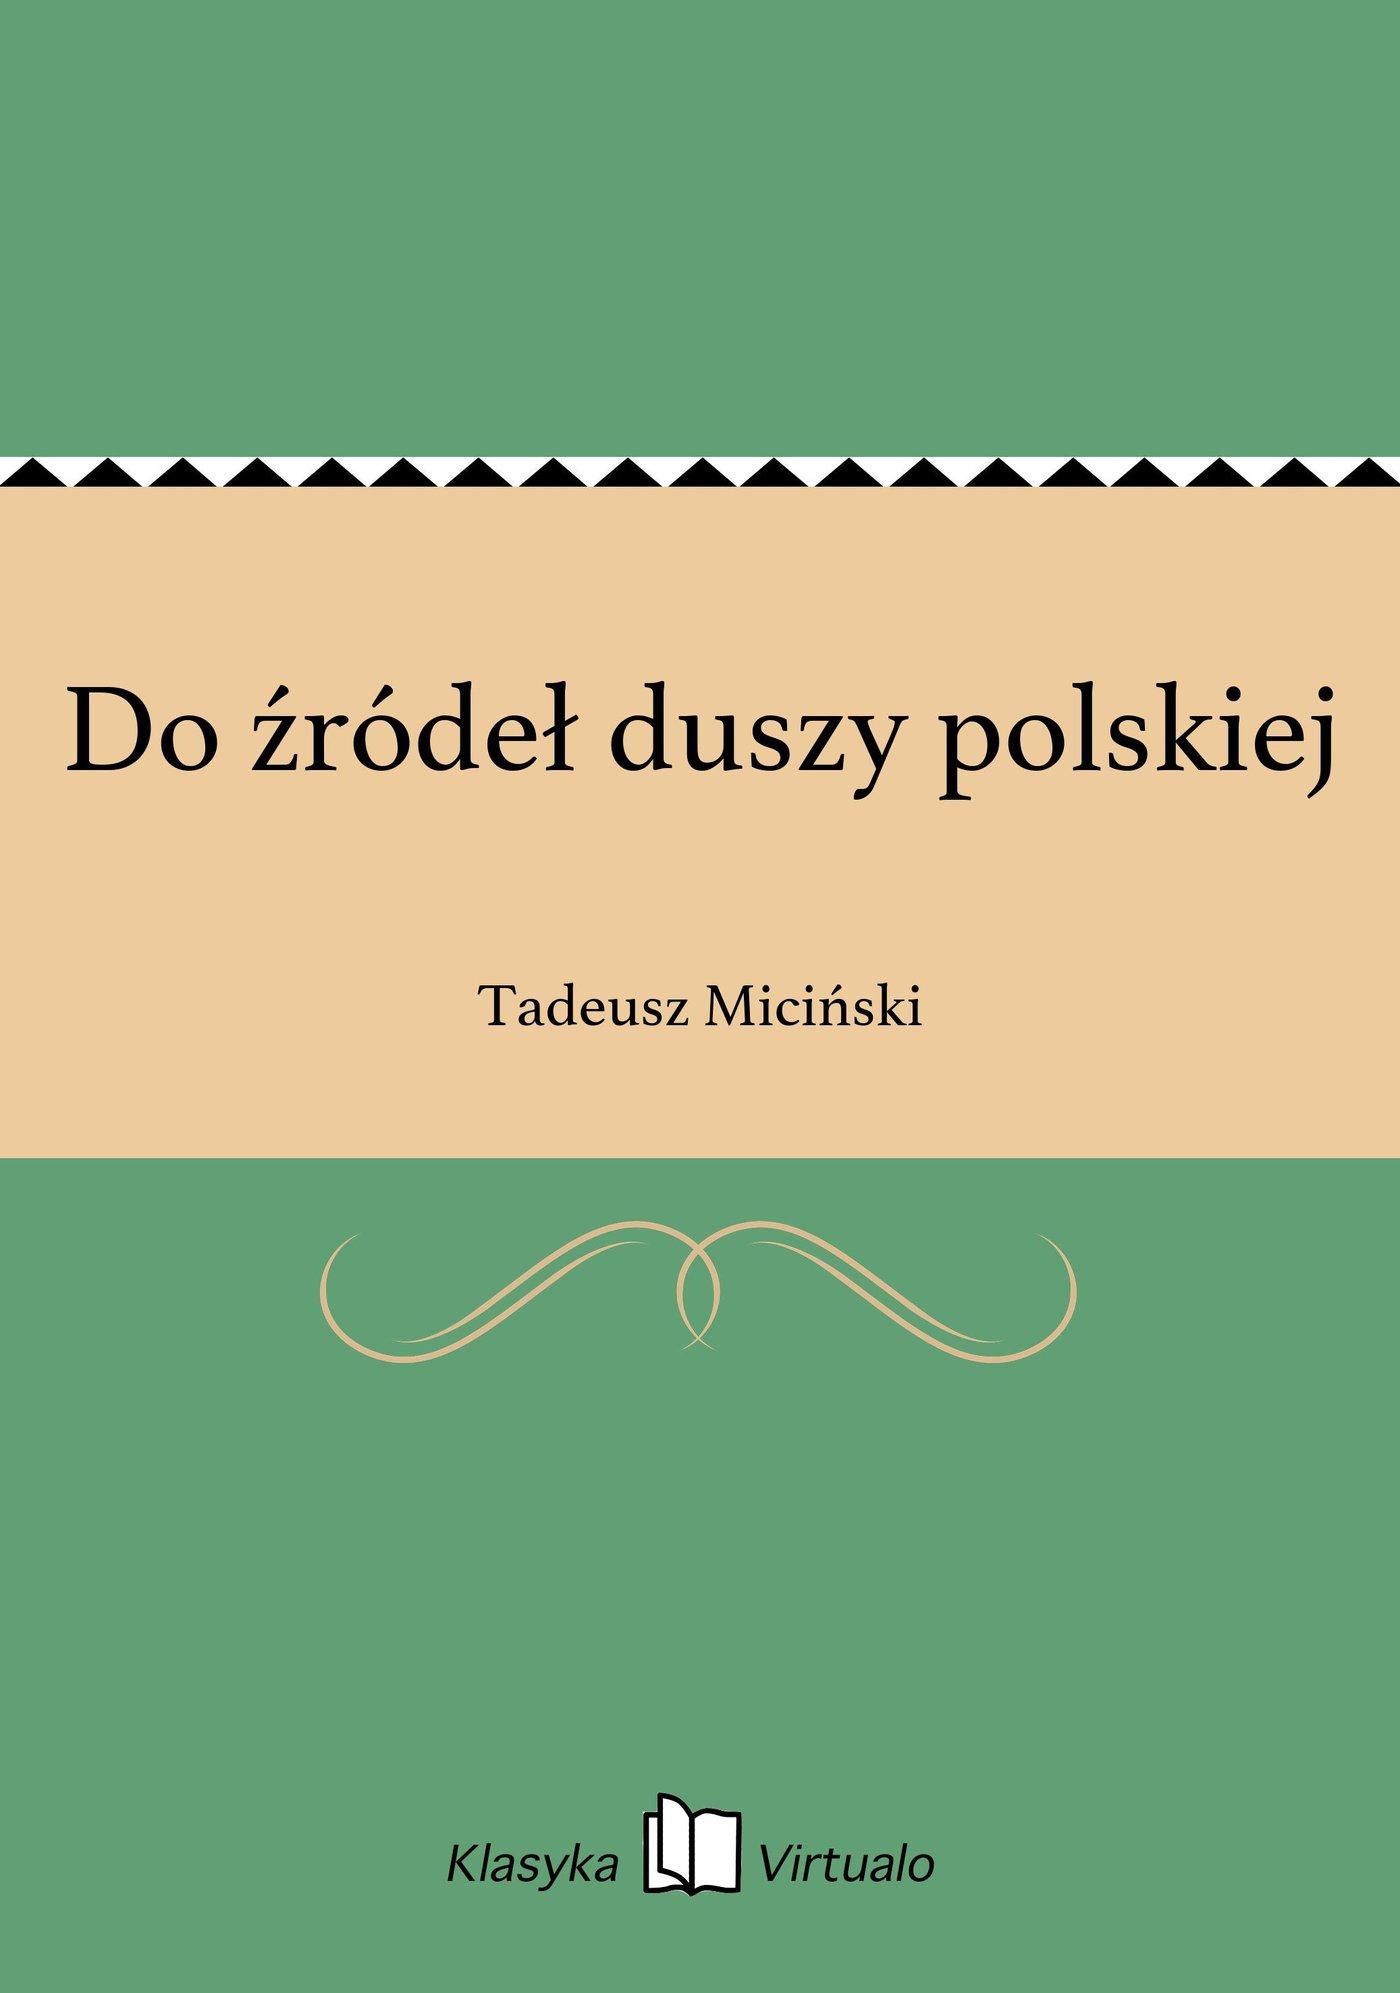 Do źródeł duszy polskiej - Ebook (Książka EPUB) do pobrania w formacie EPUB